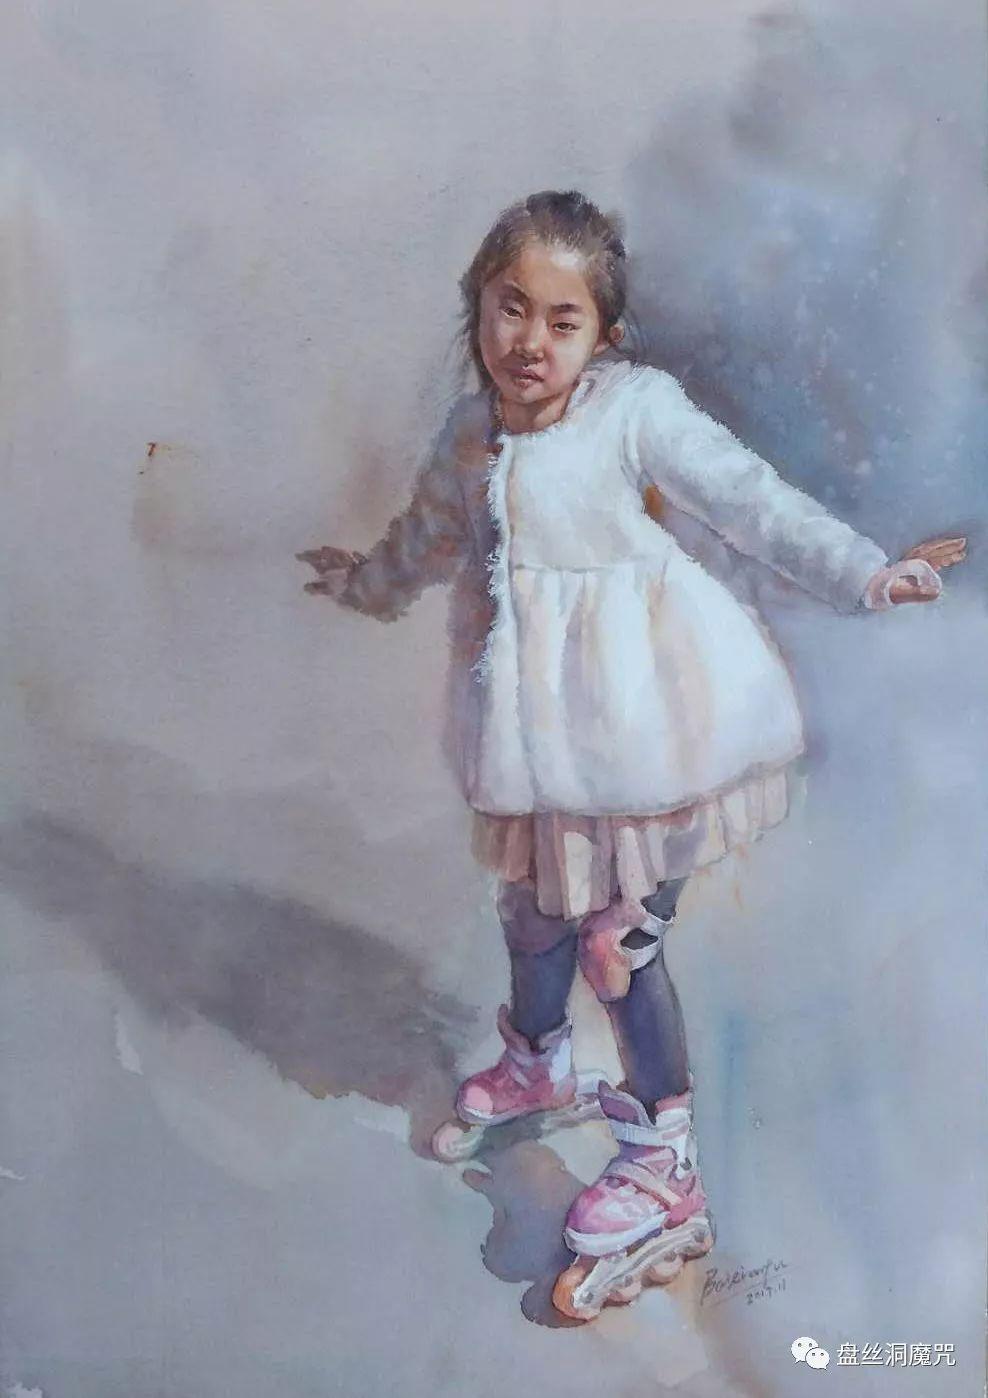 白连福水彩作品欣赏 第33张 白连福水彩作品欣赏 蒙古画廊